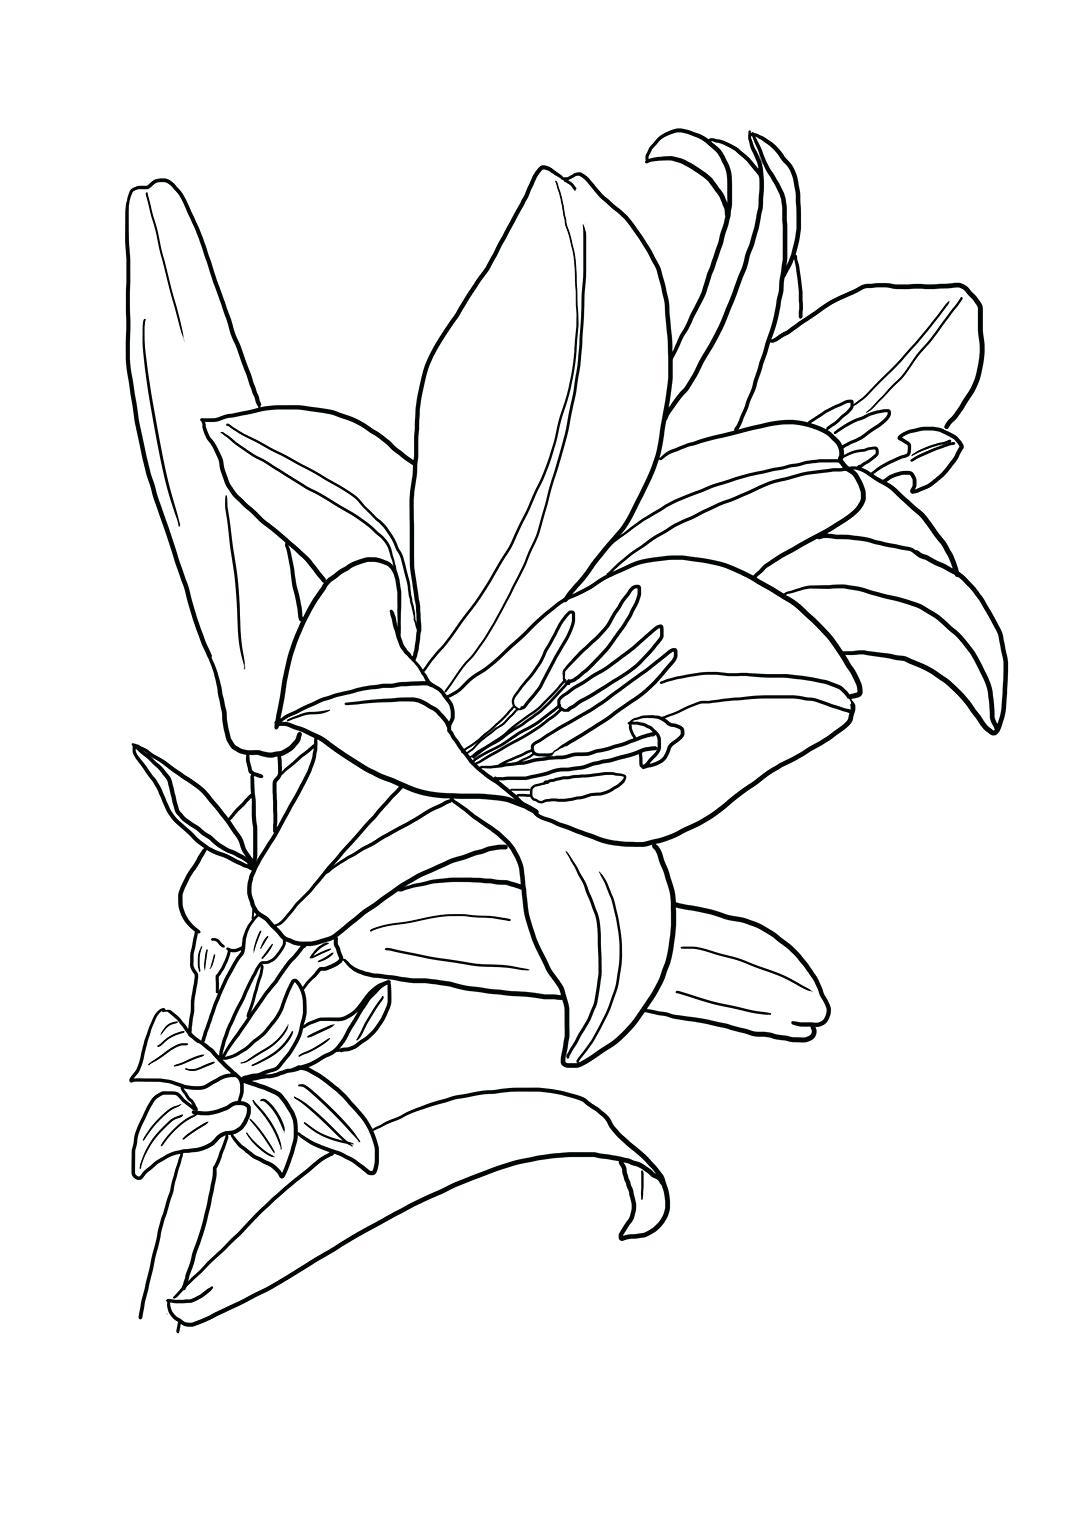 Tranh tô màu bông hoa dễ thương cho bé